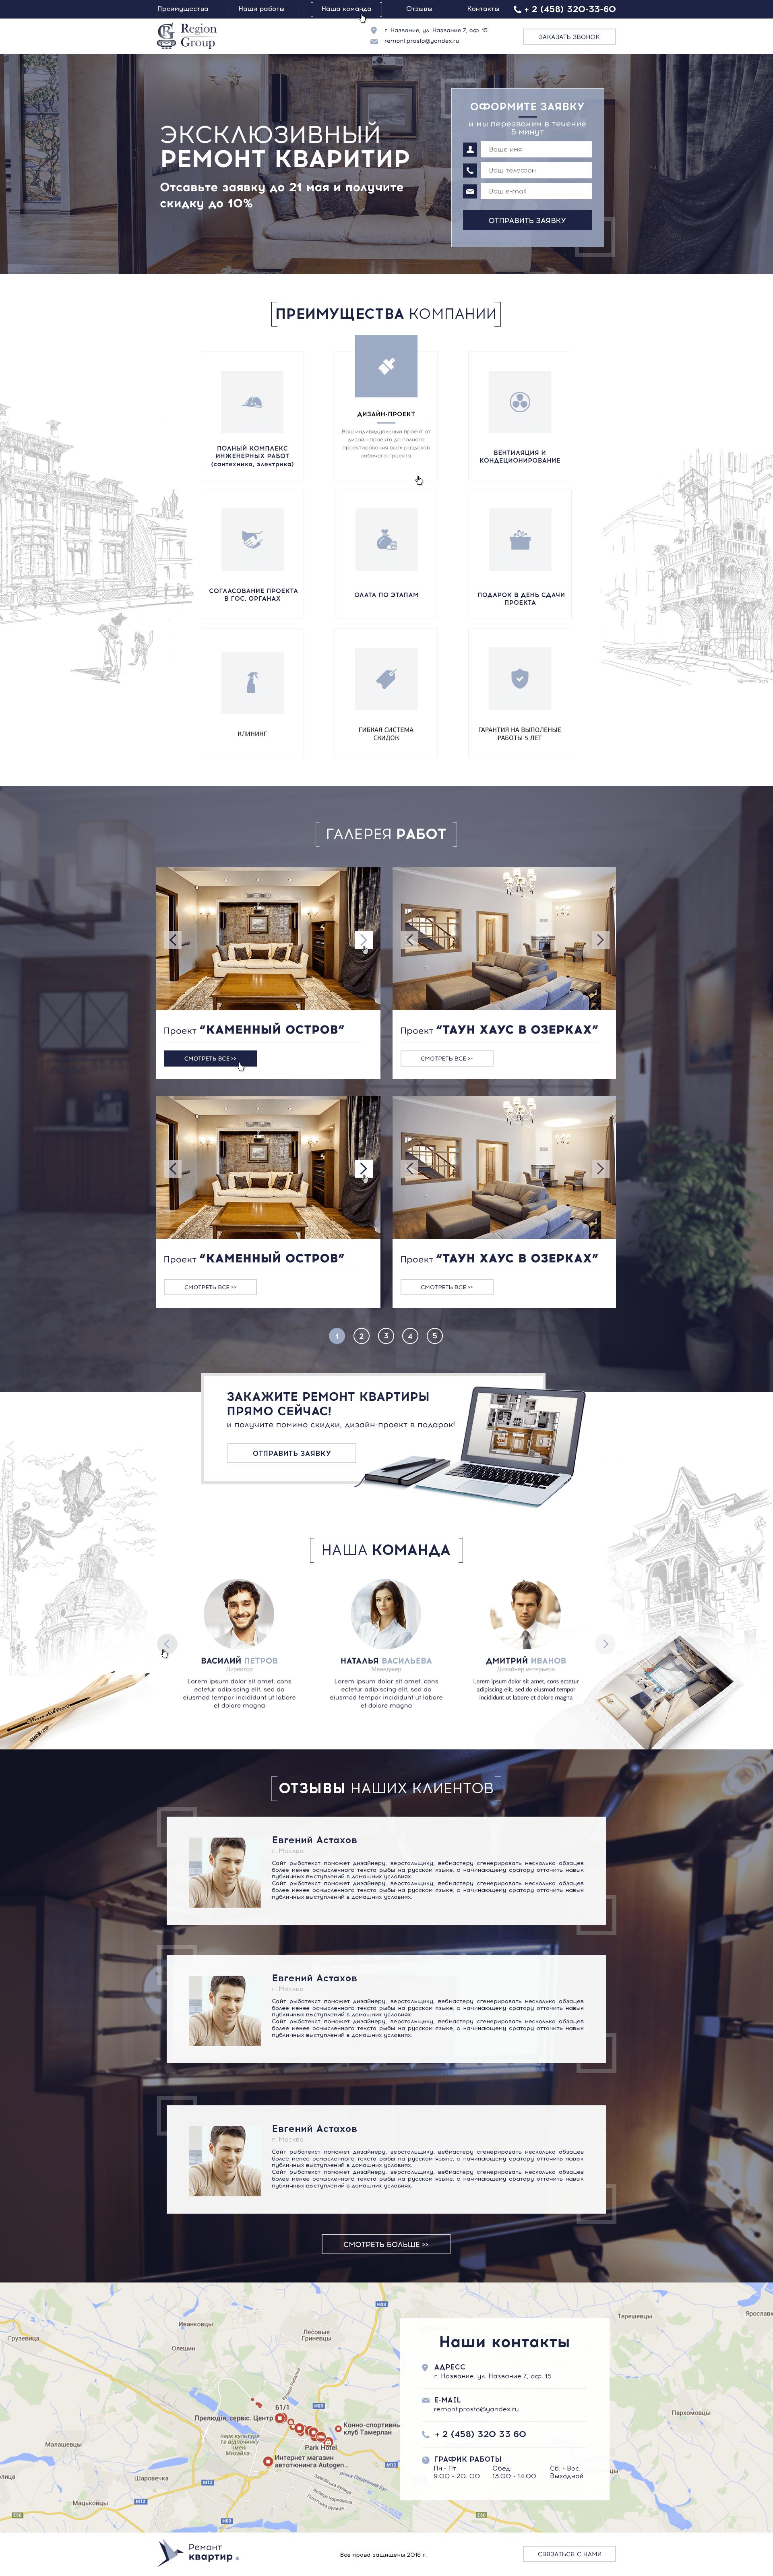 Дизайн Landing Page для ремонтно-строительной компании